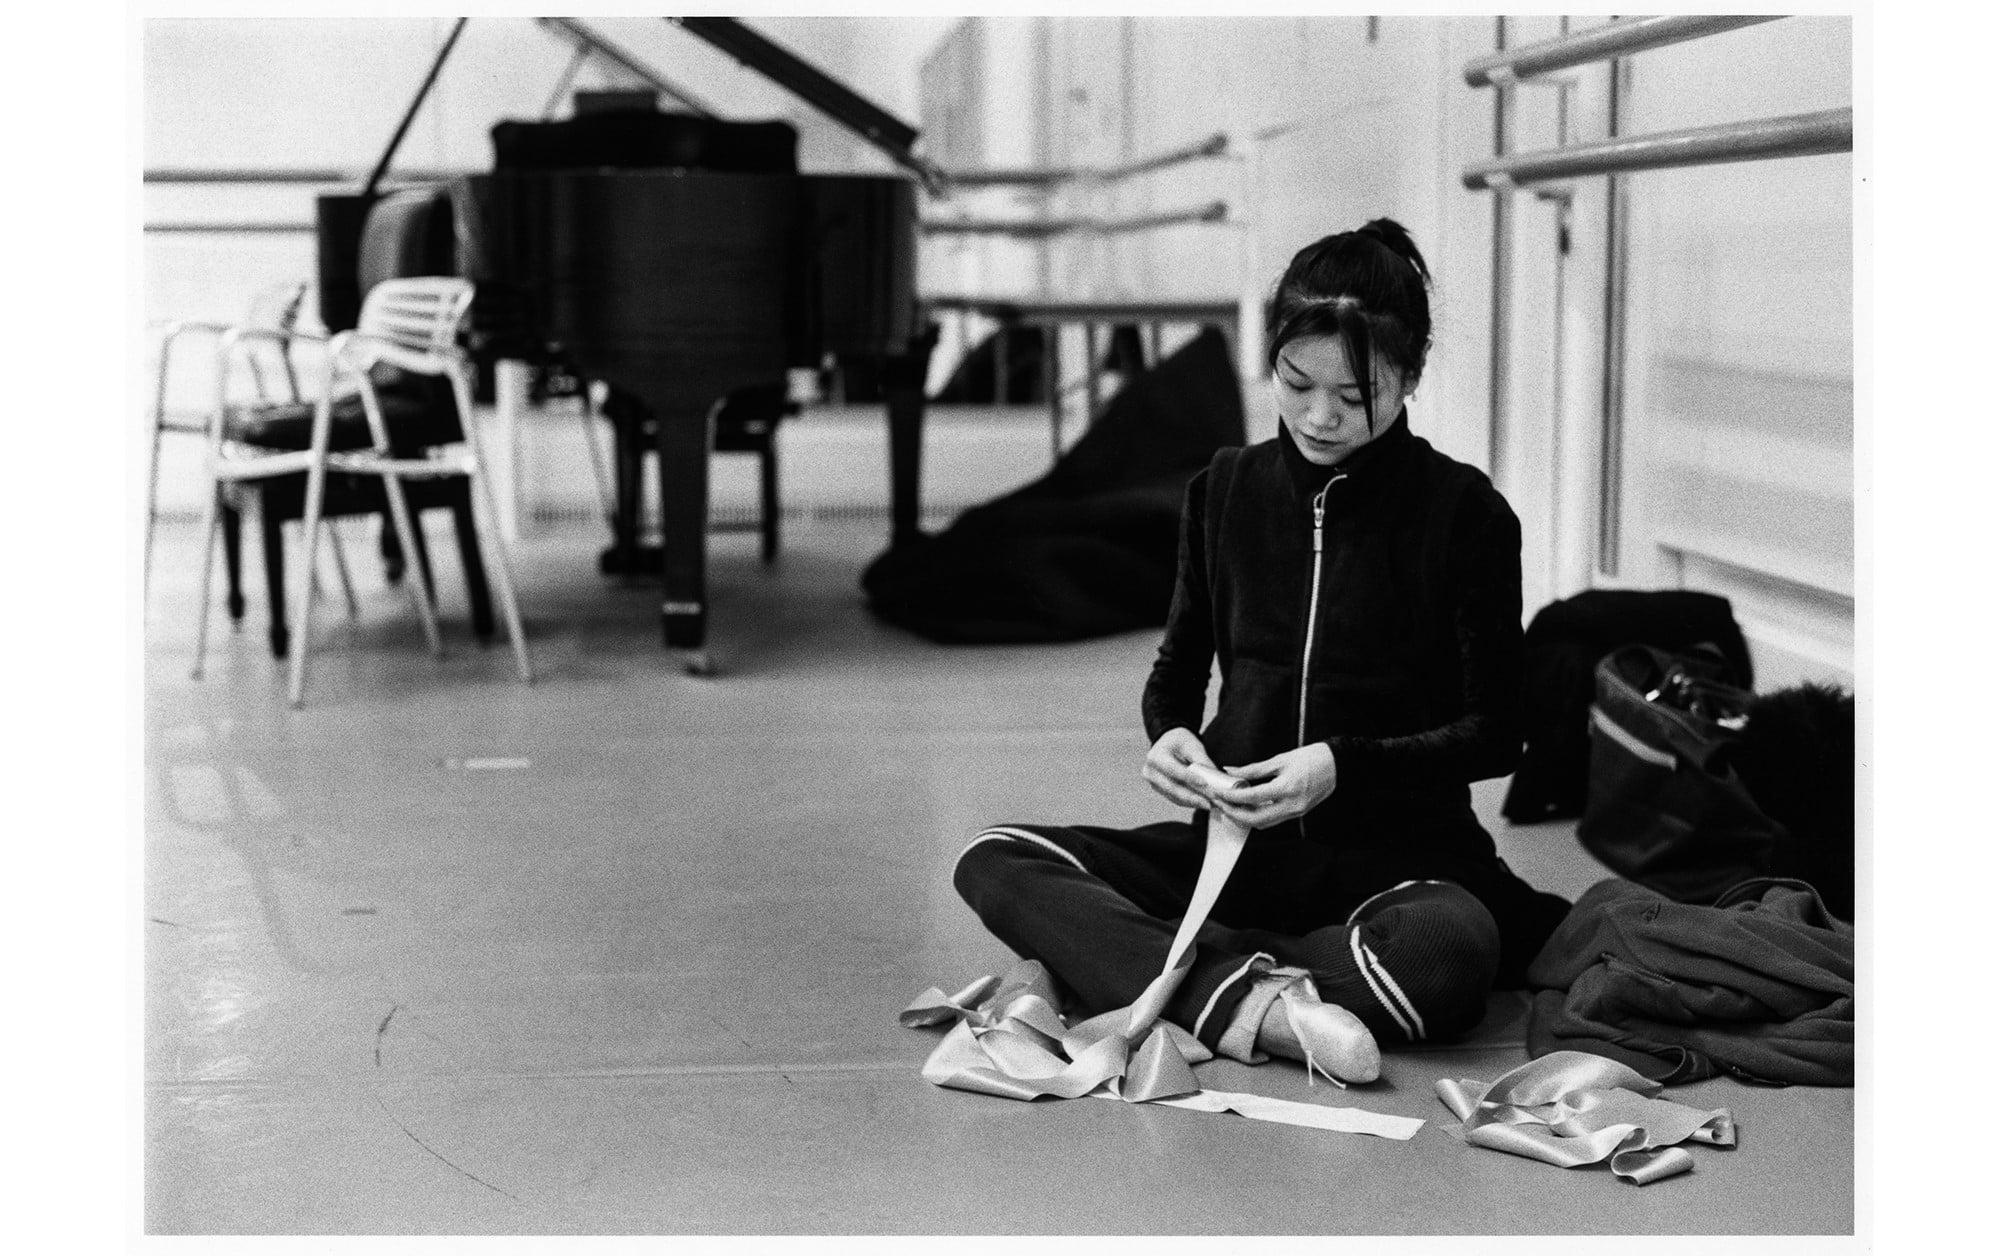 『リーズの結婚』リハーサル後の様子。『吉田都 永遠のプリンシパル』(河出書房新社)より。 Photography by 🄫Yuko Miyazawa